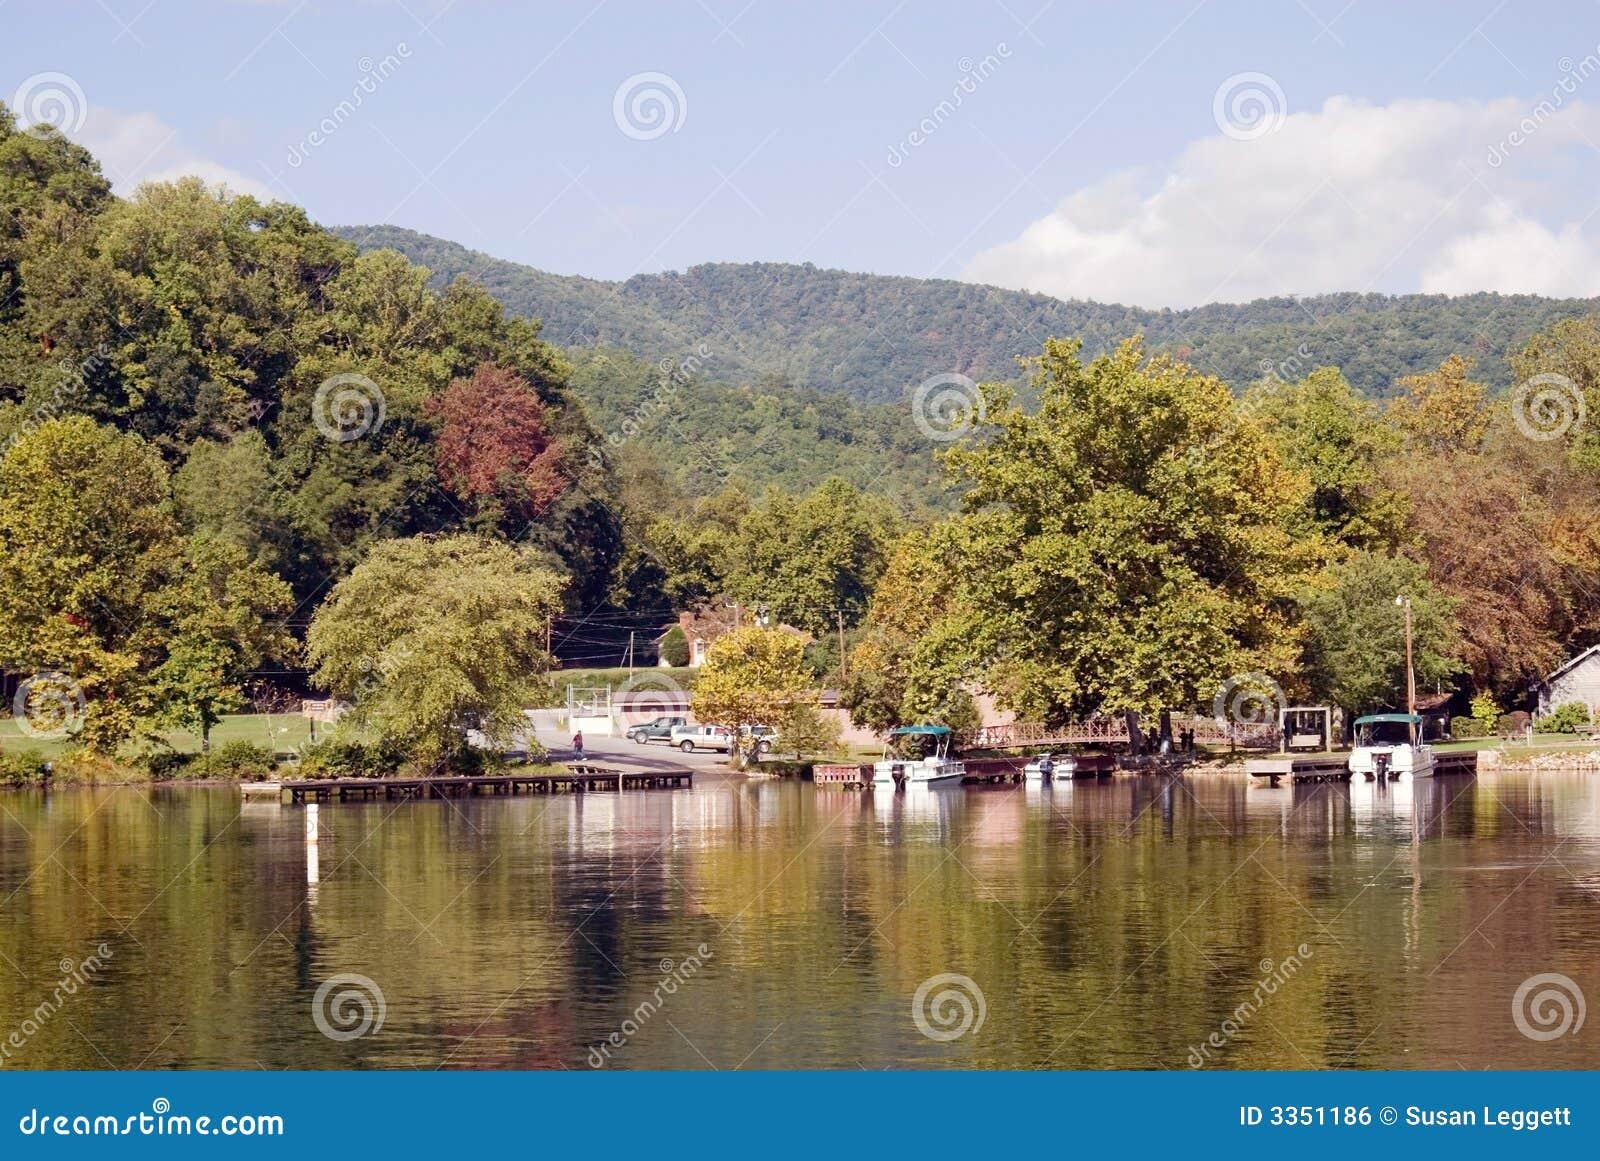 Boat Ramp on Lake